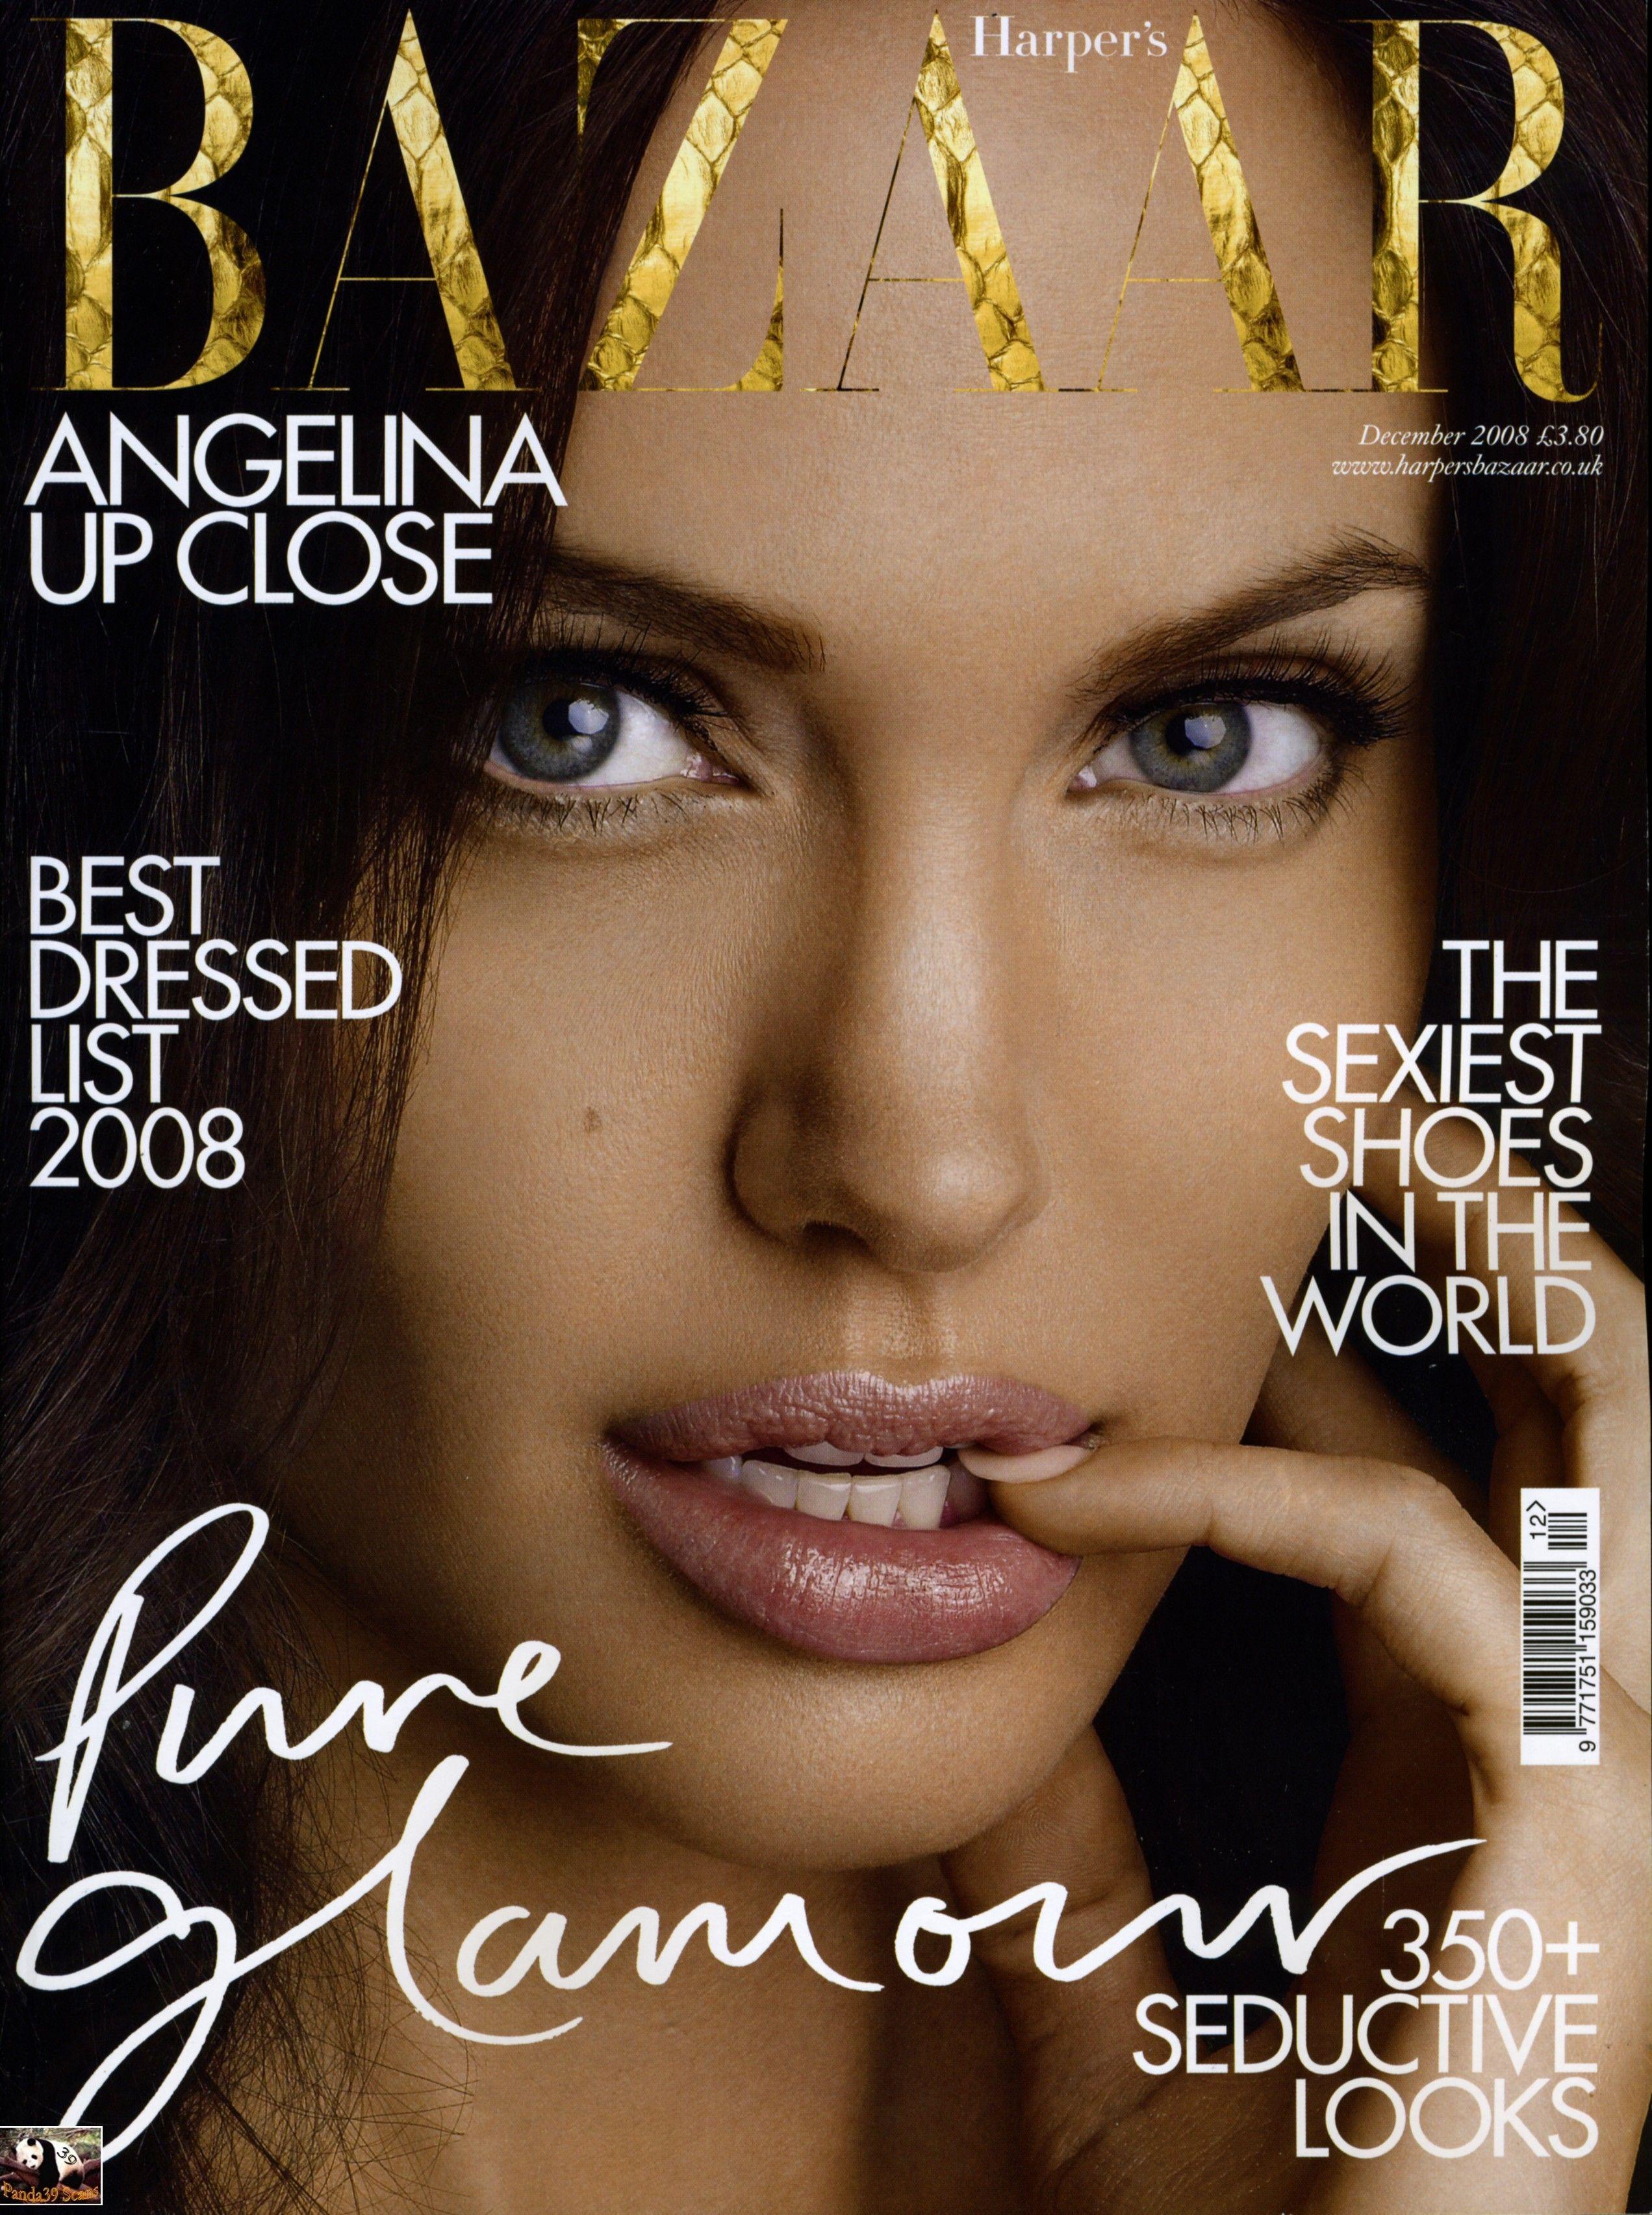 Angelina Jolie British Harper's Bazaar Cover December 2008